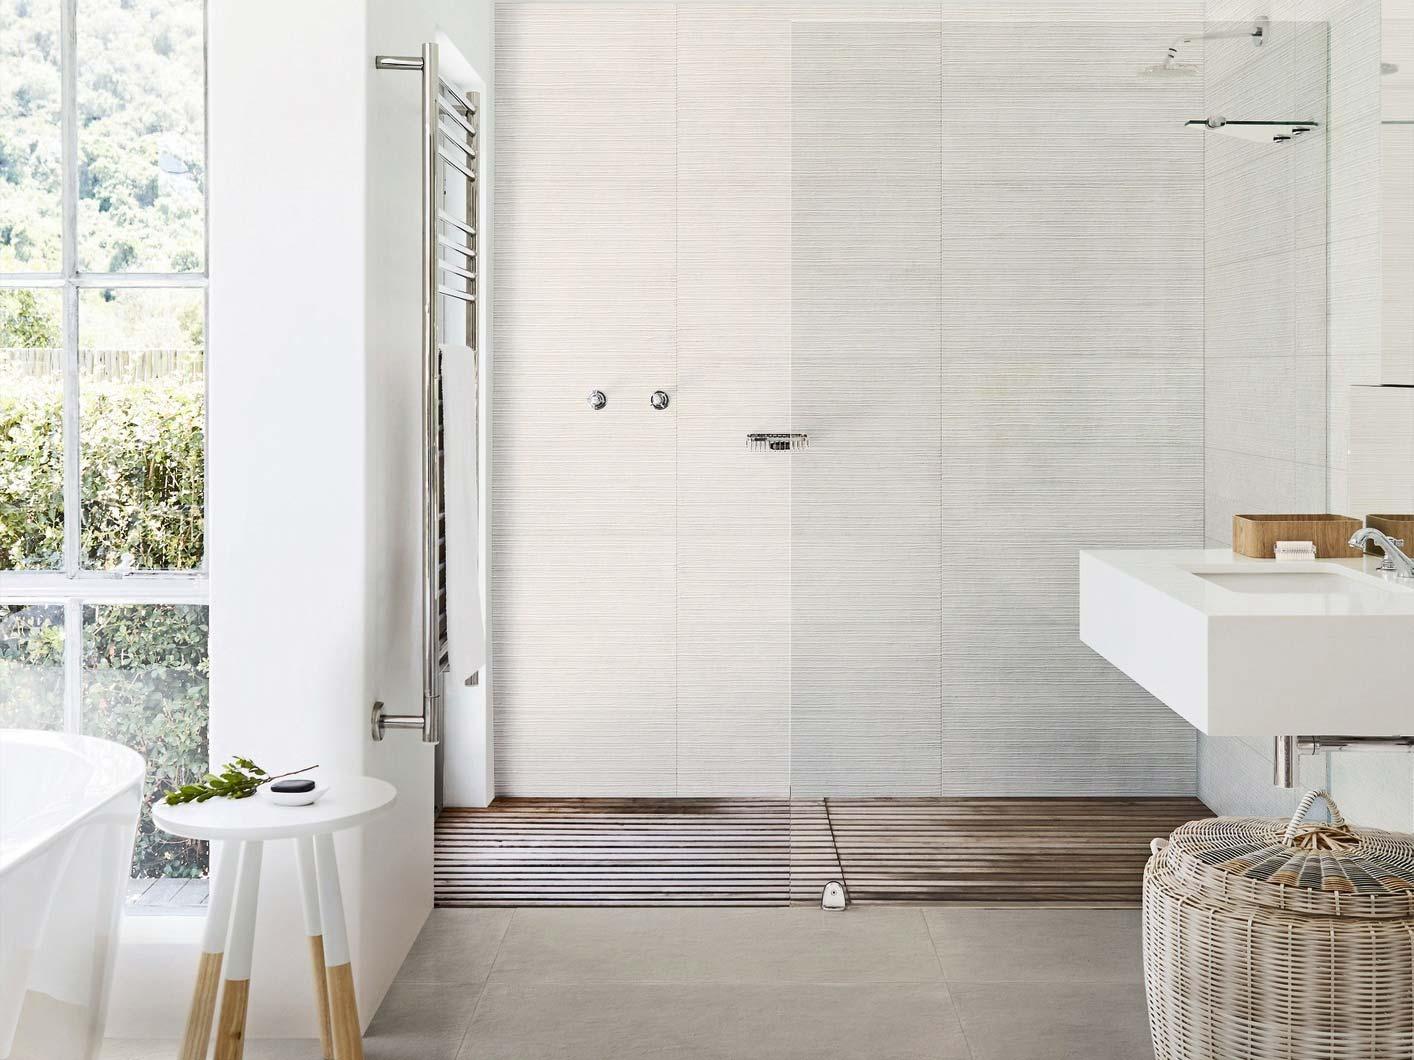 Rivestimenti bagno esempi da copiare silvestri pavimenti a cassola vi - Rivestimenti bagno marazzi ...